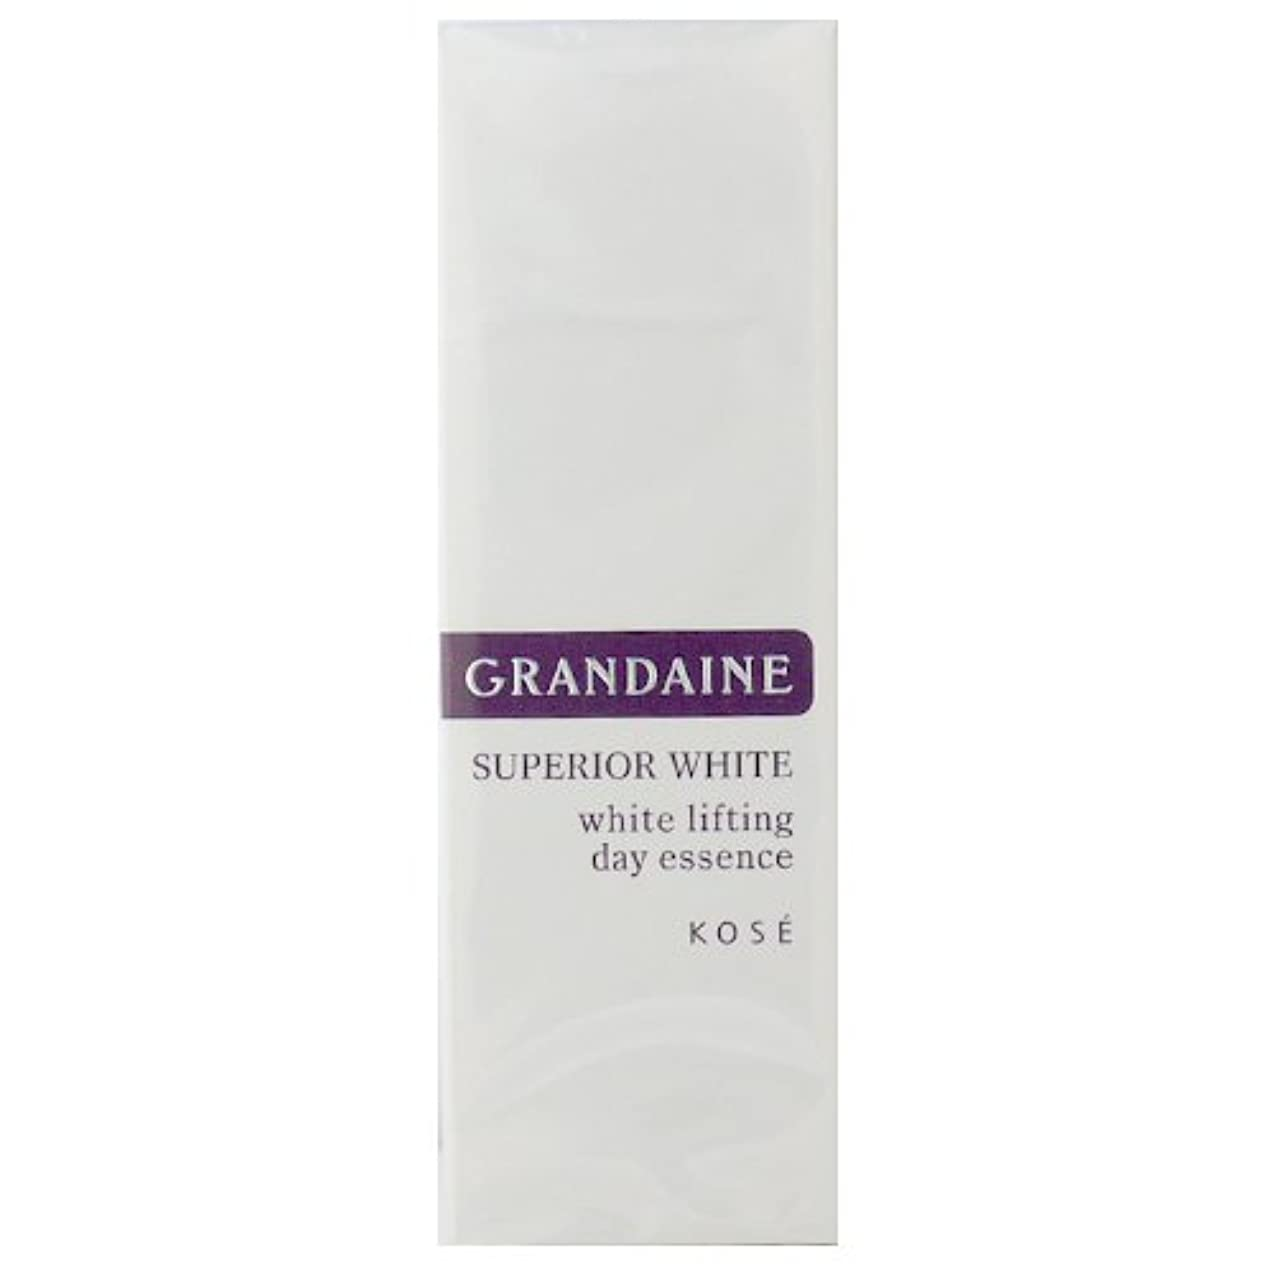 応答なぜ隙間コーセー グランデーヌ スーペリア ホワイト ホワイトリフティング デイエッセンス SPF30 PA++ 30g